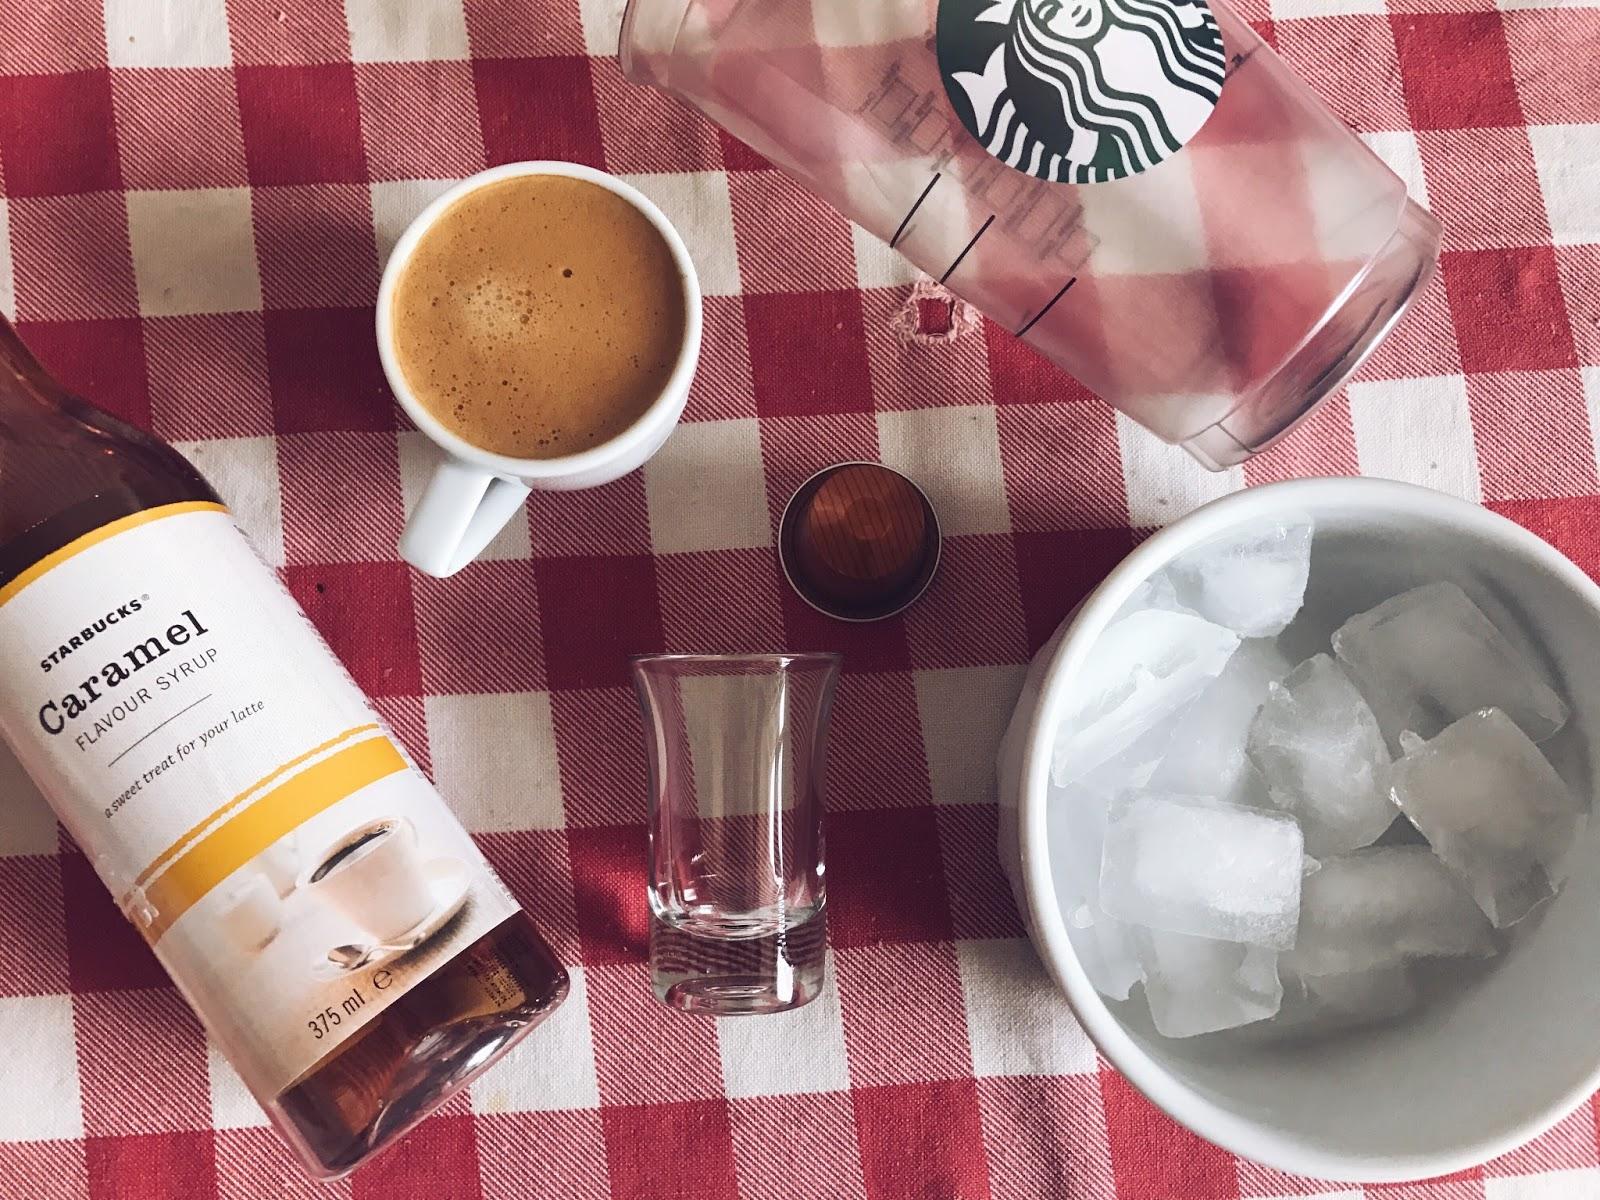 blog blogger blogging starbucks SEO referencement boisson d'été recettes cooking enjoy café nespresso caramel quand on aime pas le café acheter chez starbucks boisson pour l'été comment se raffraichir en été maximiser son blog